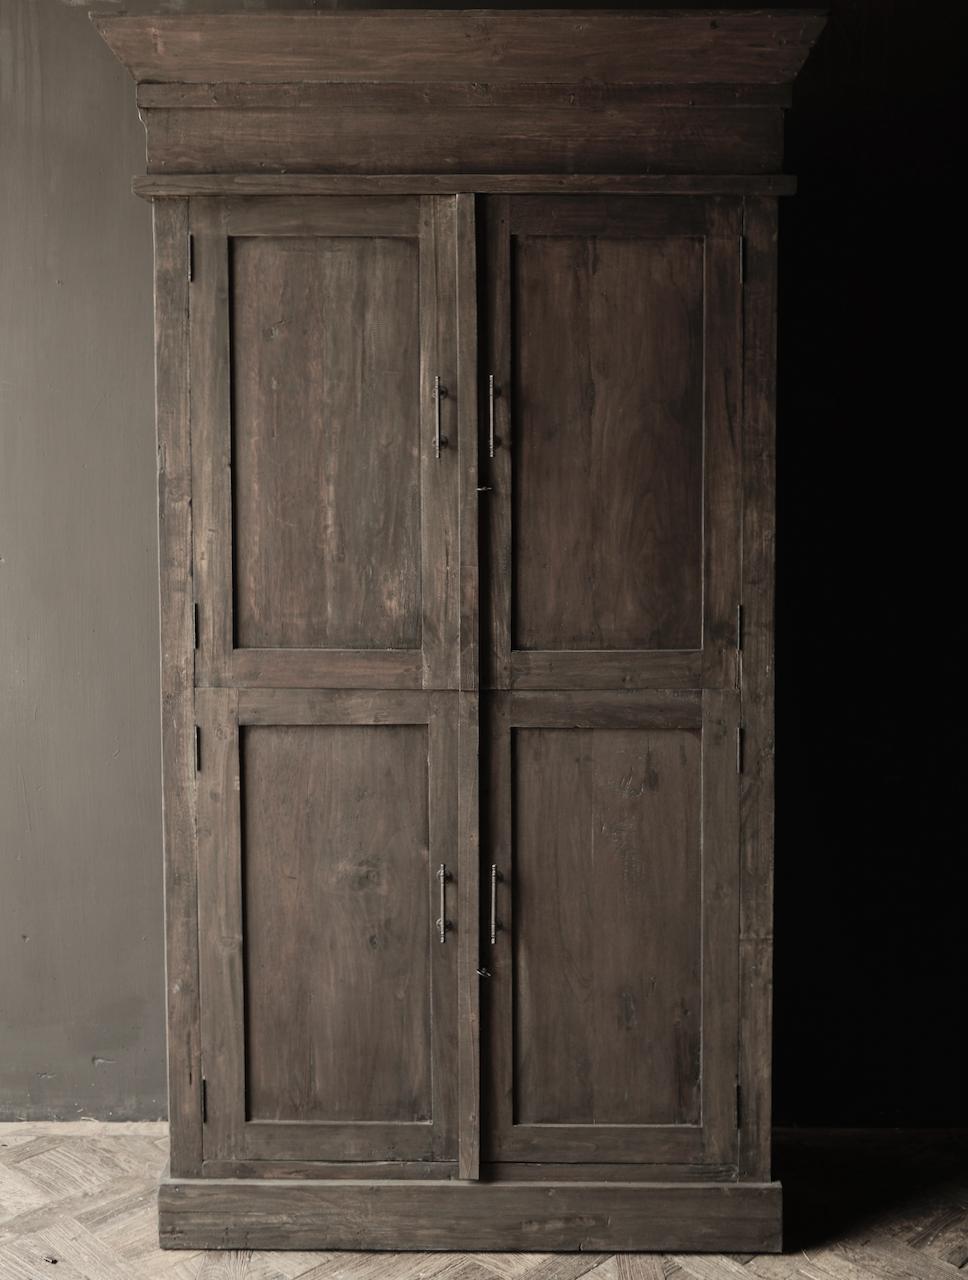 Schöner Tough Rural alter Holzschrank vier Türen-2